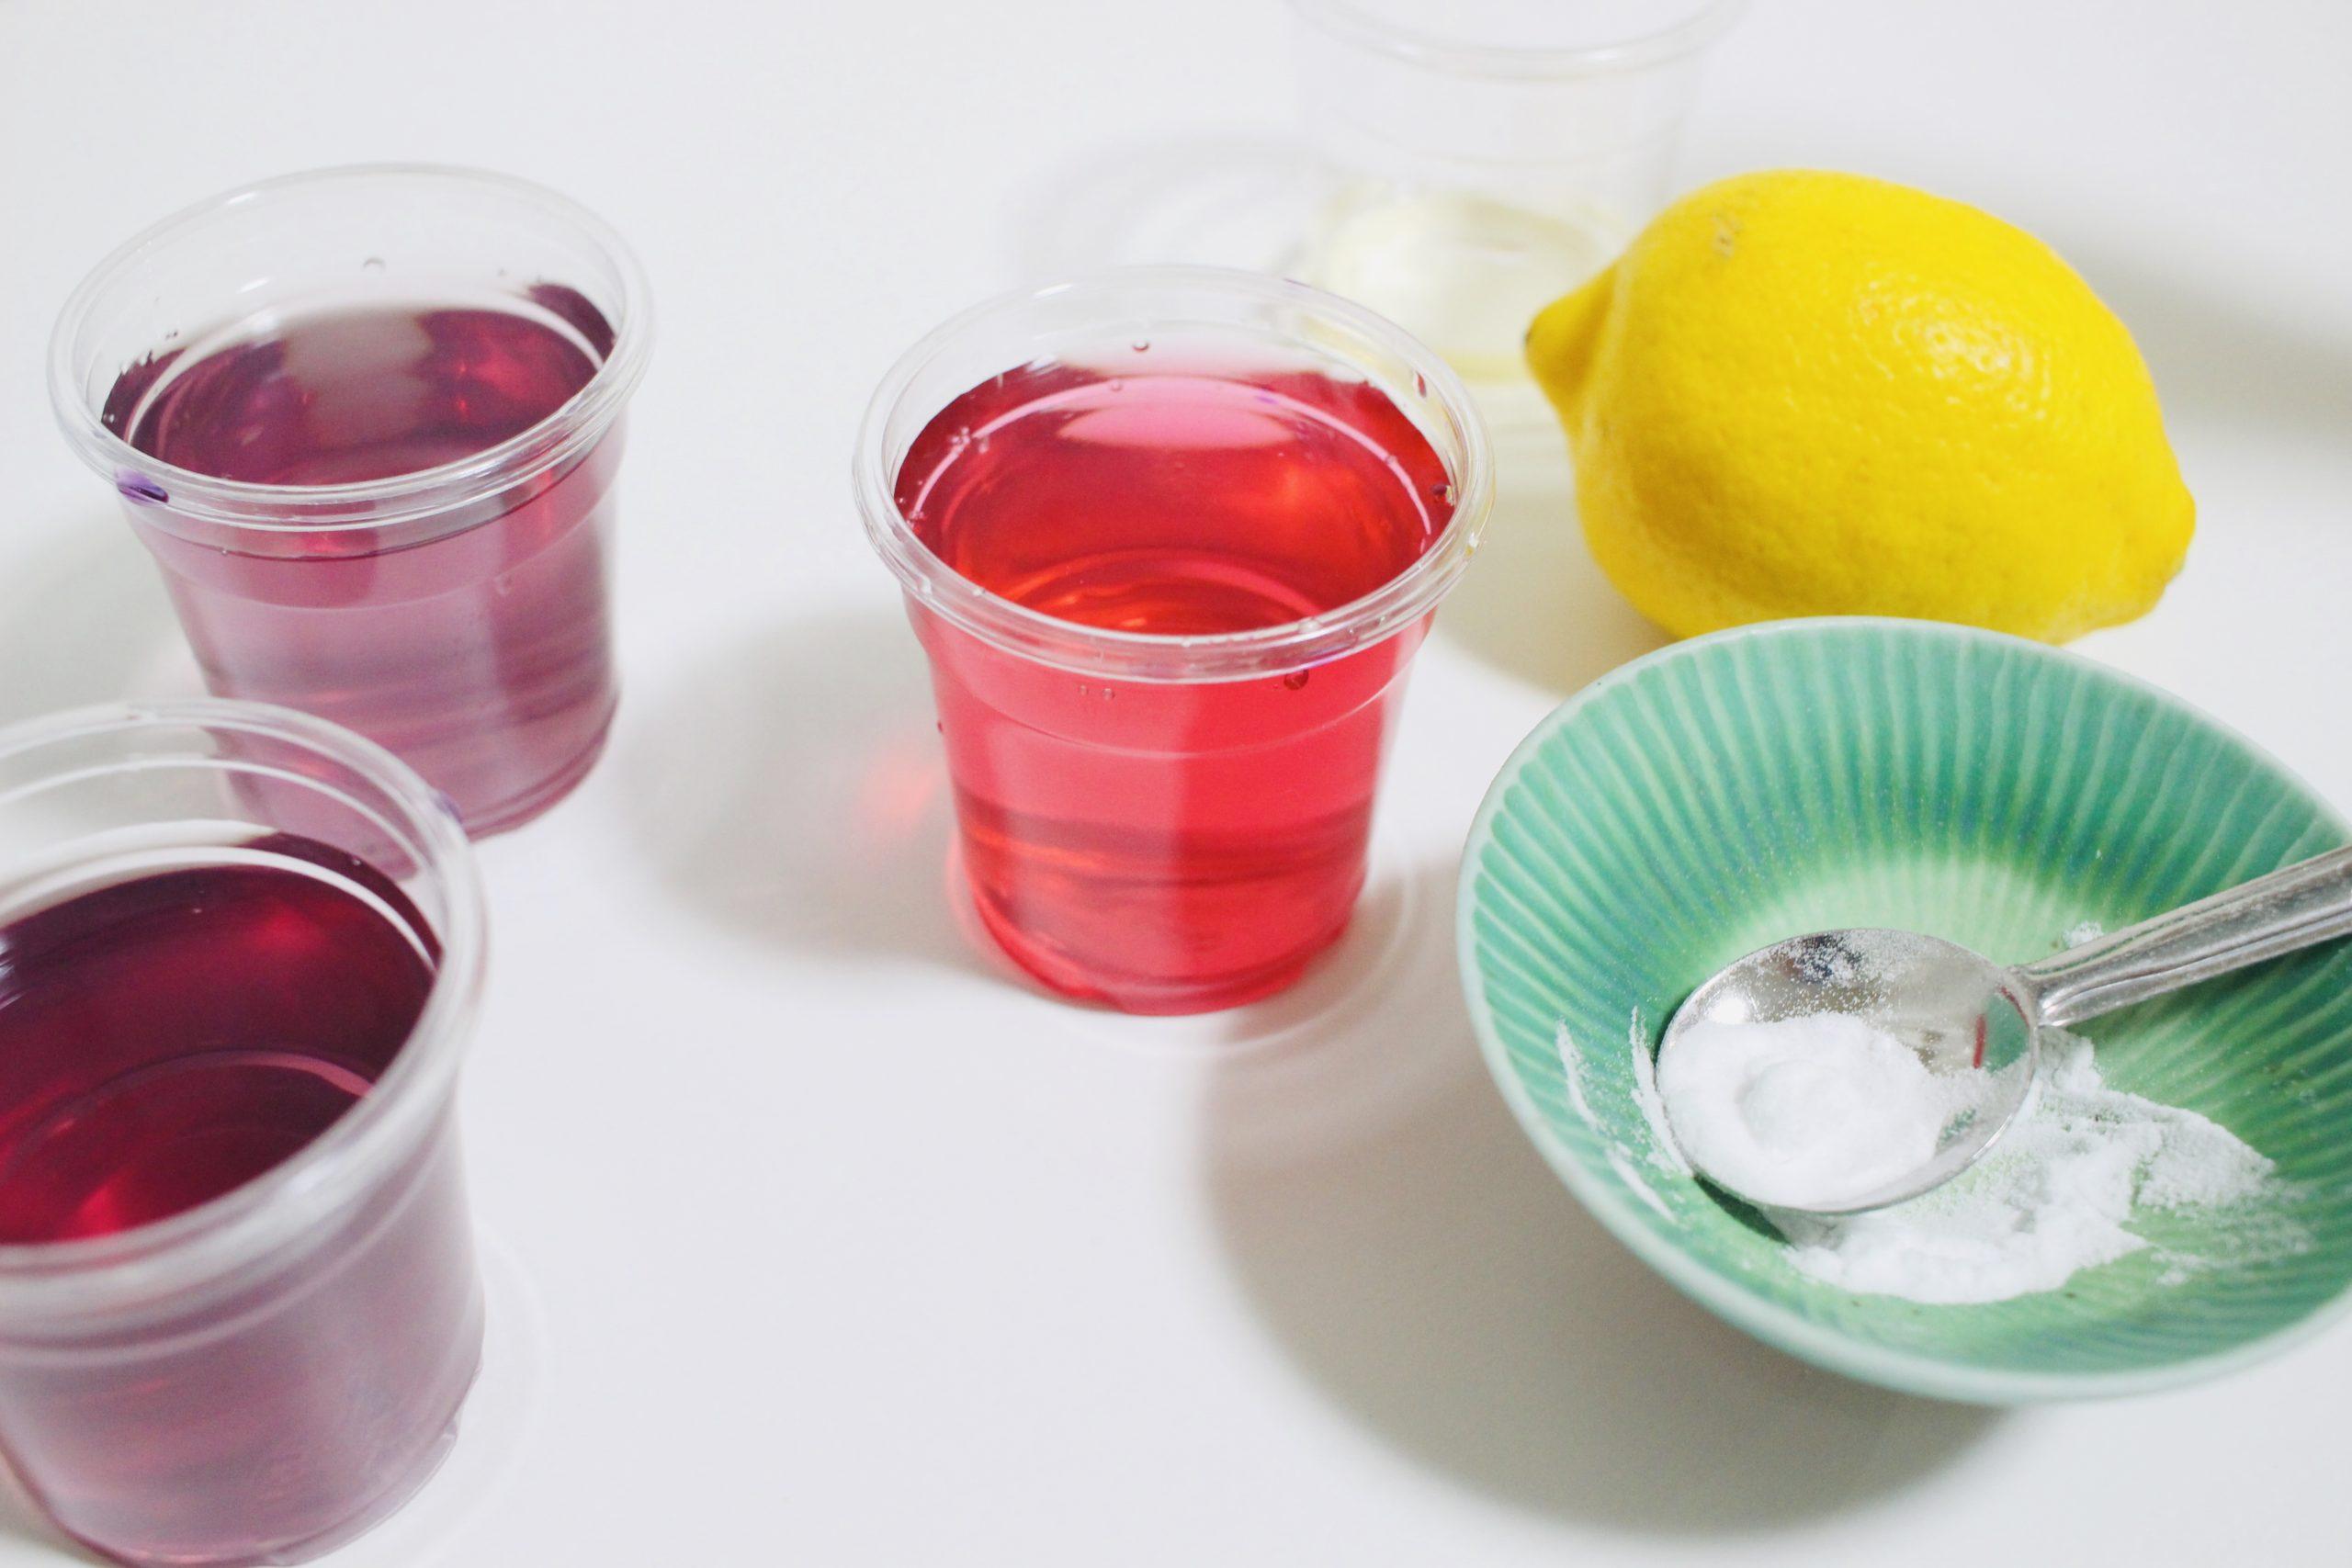 しそジュースの実験